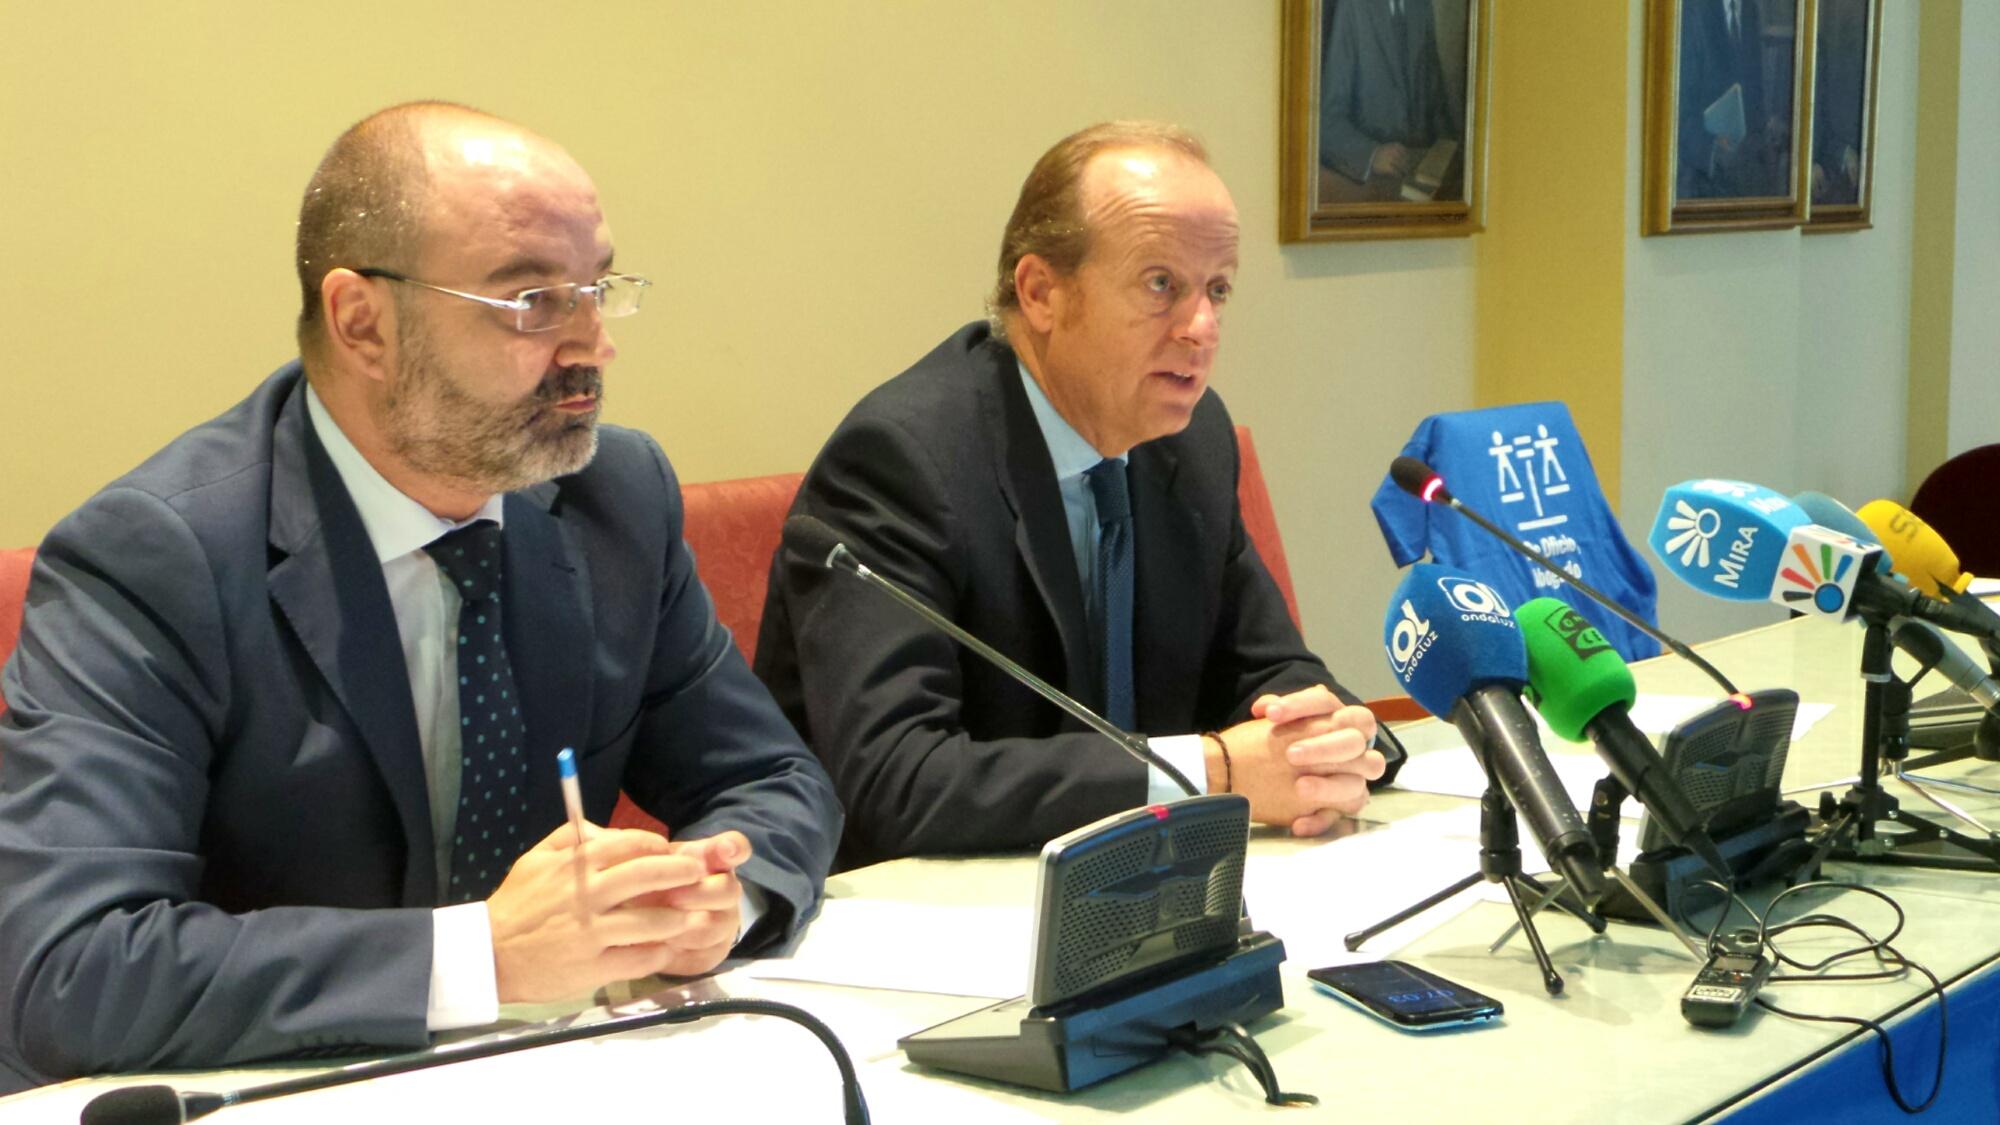 Marcos Camacho y Luciano García en Rueda de Prensa - JUL 2016 - ICAB Jerez